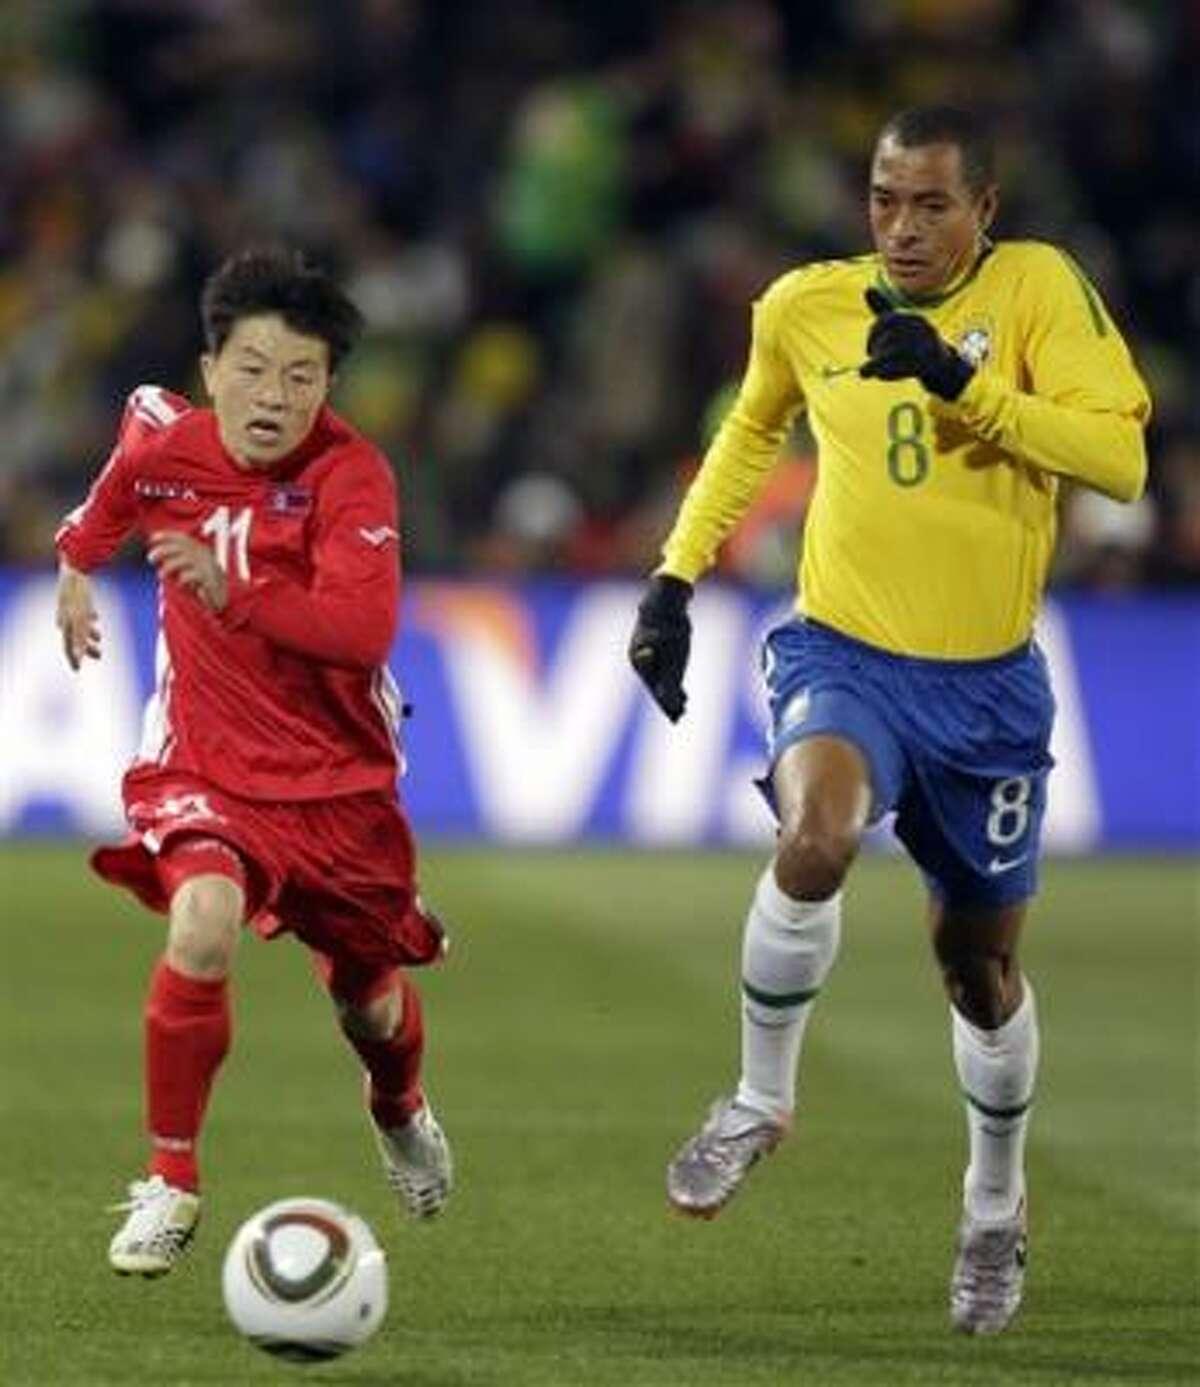 El brasileño Gilberto Silva (der.) corre tras el norcoreano Mun In Guk.